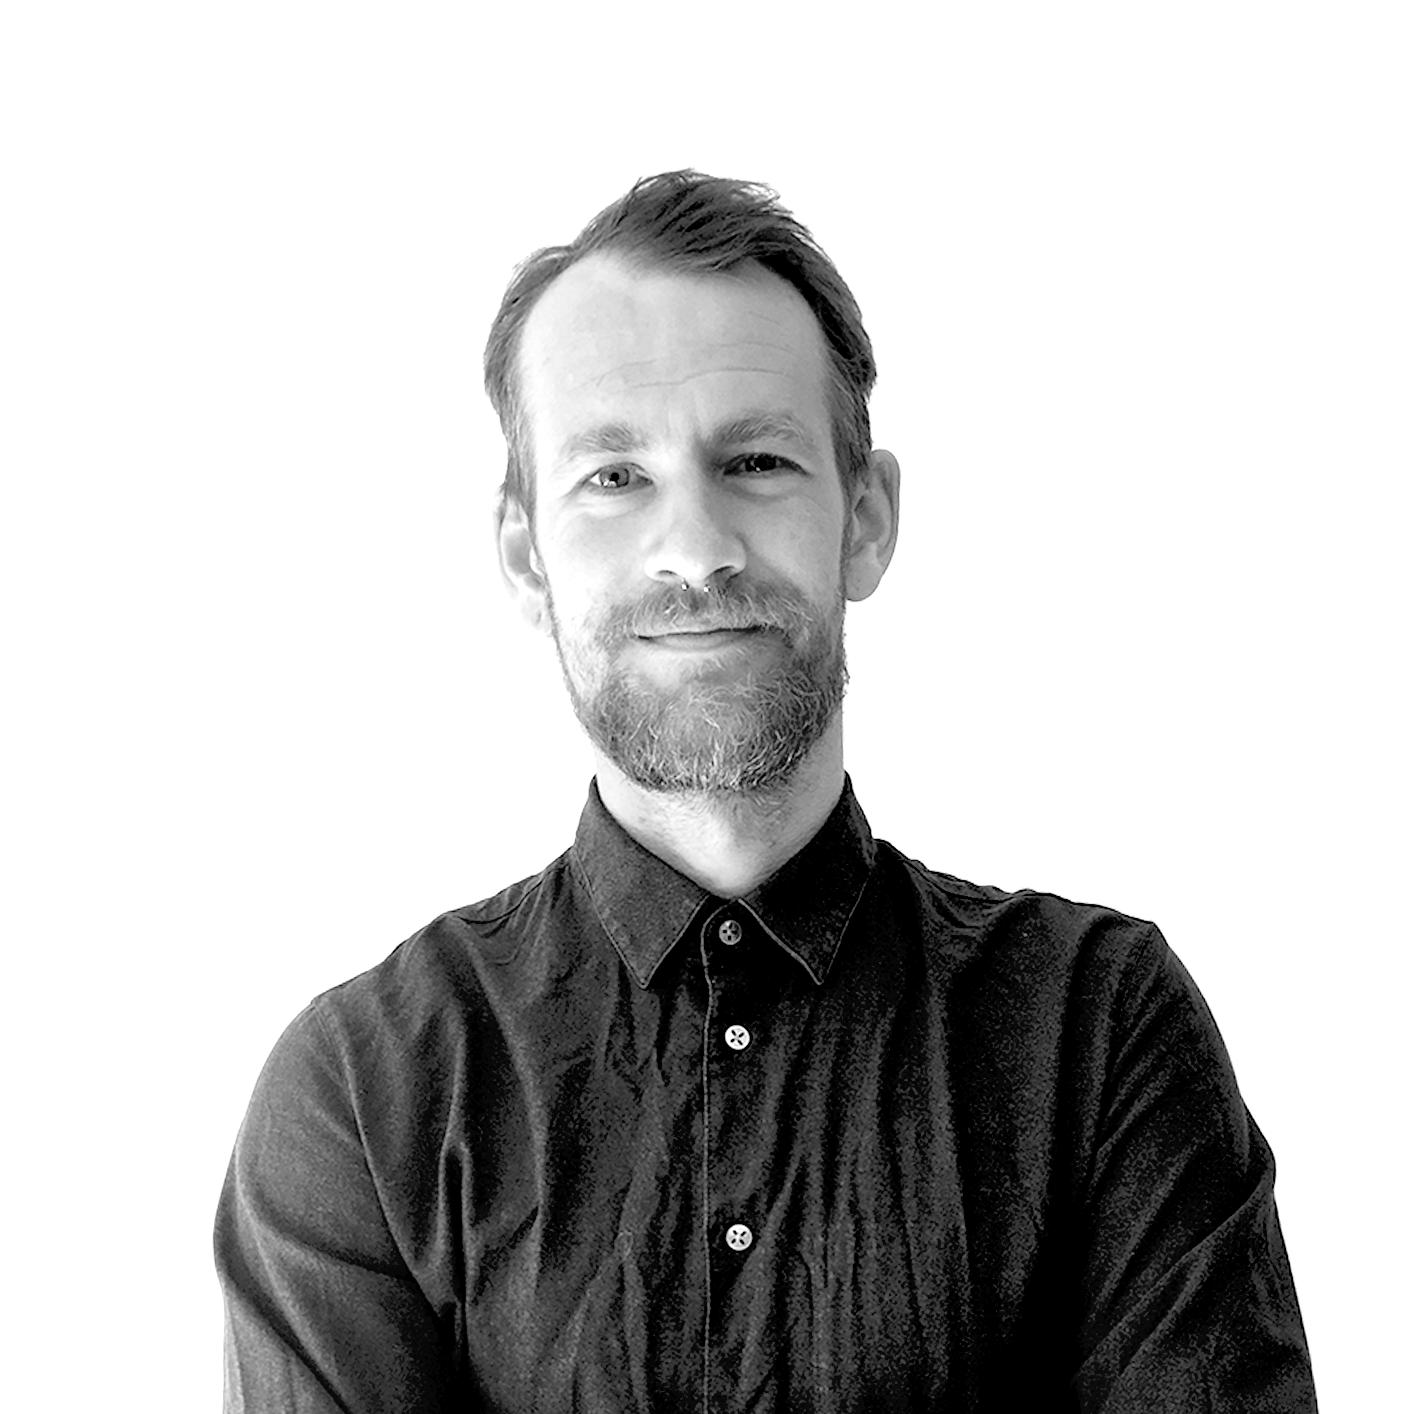 Christoph Zedler